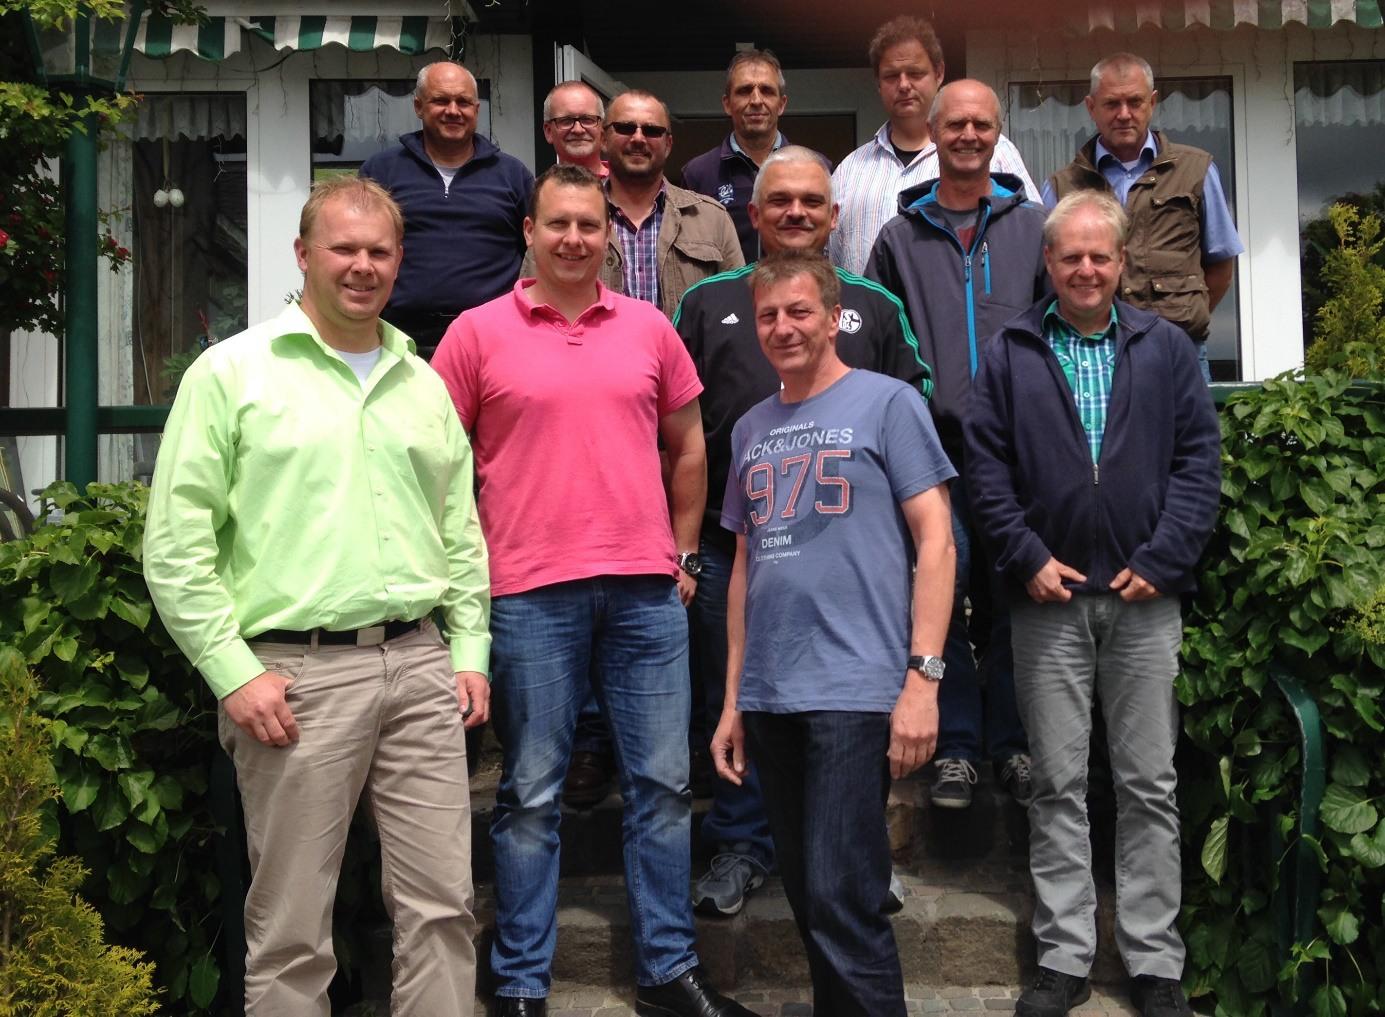 Die Straßenmeisterei ist immer noch Männerdomäne. Die Gwerkschaftsvertreter in Winterberg. (foto: burmann)